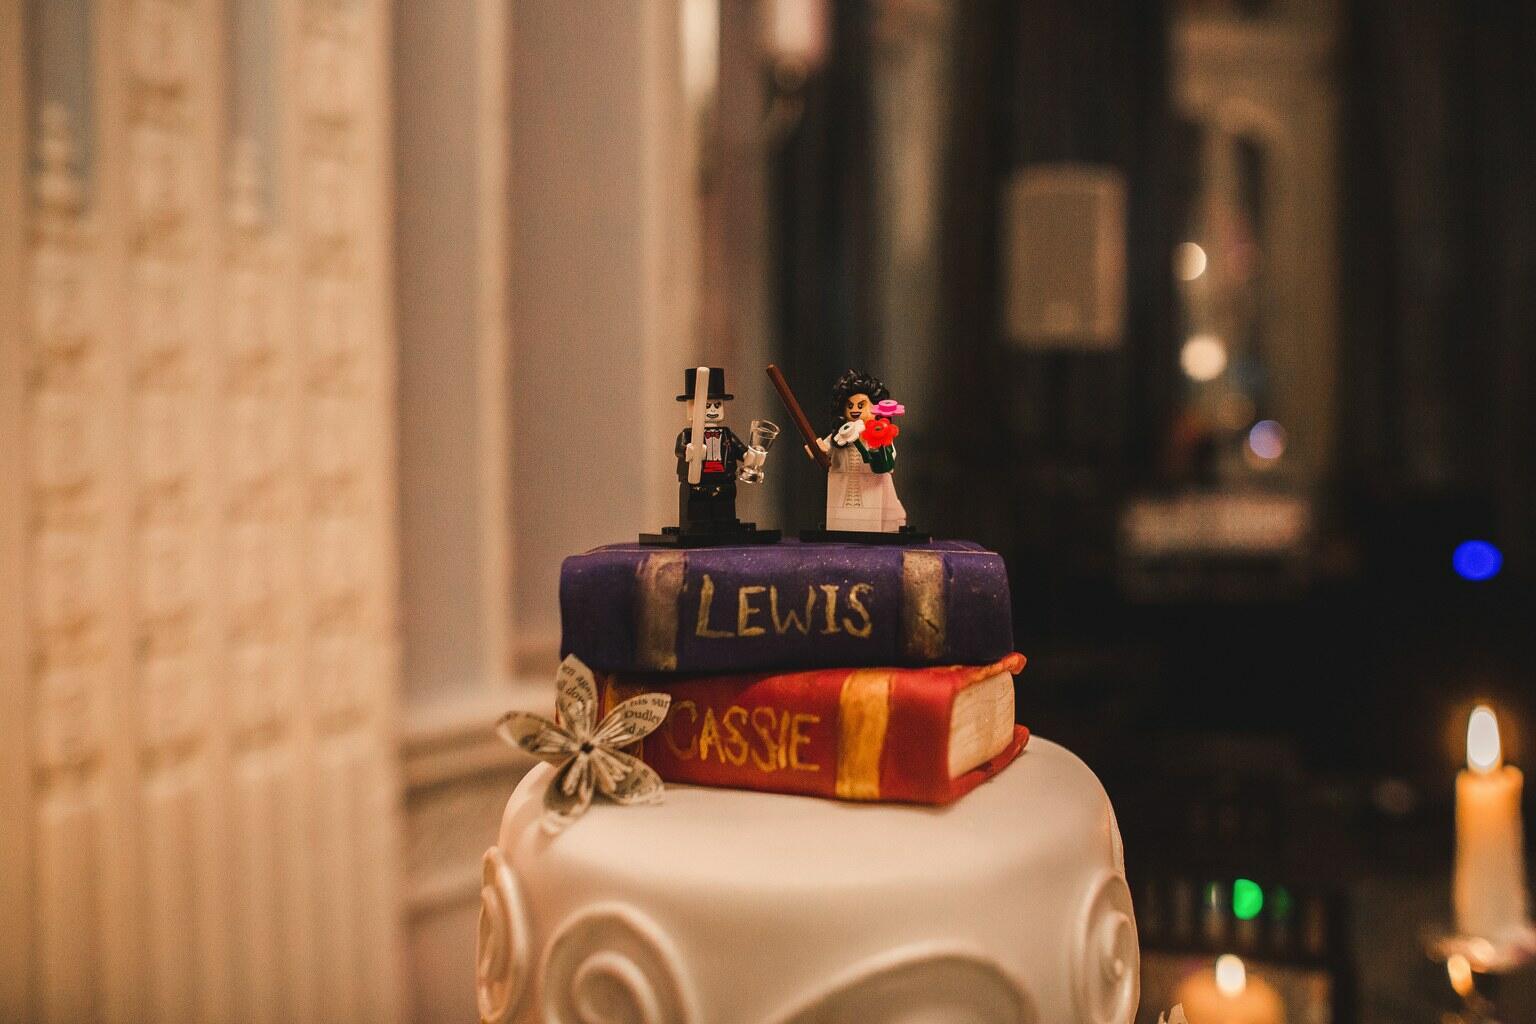 Die Zauberhafte Hochzeit Von Lewis Und Cassie Byrom Bild 9 Von 18